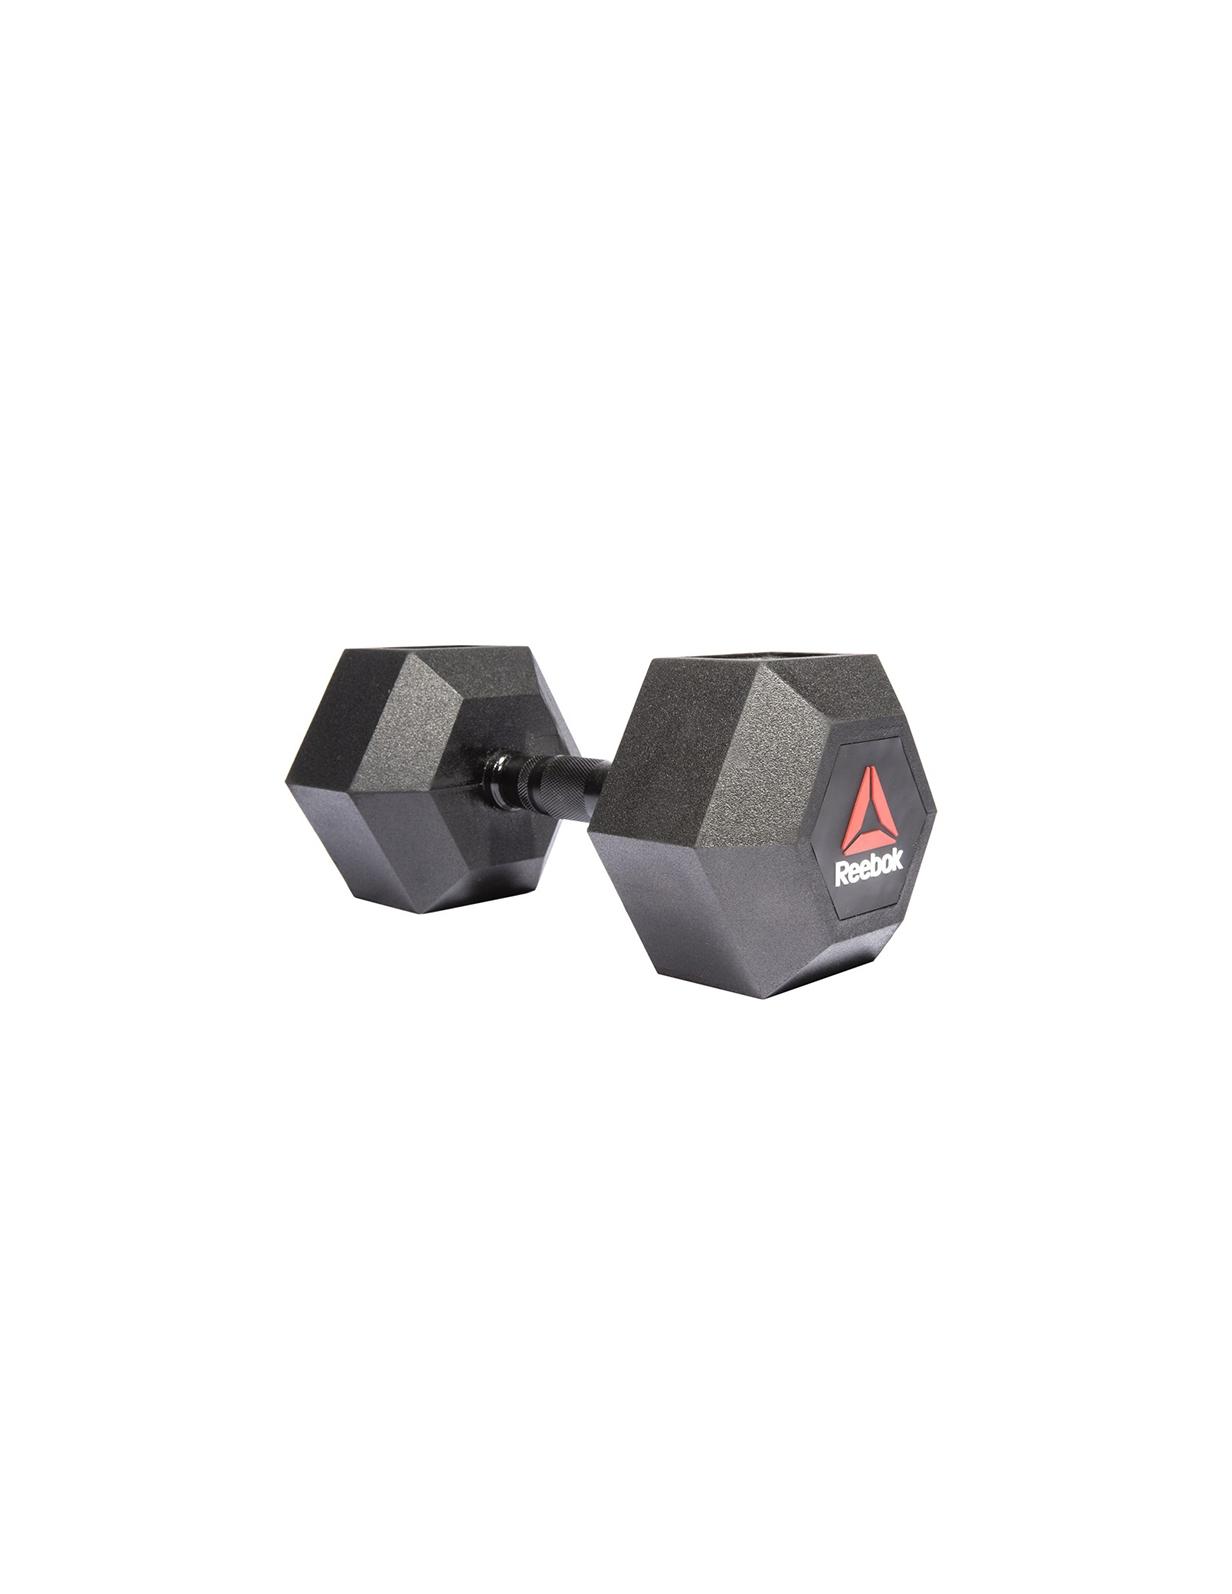 RSWT-11175Hex Dumbbell - 17.5kg